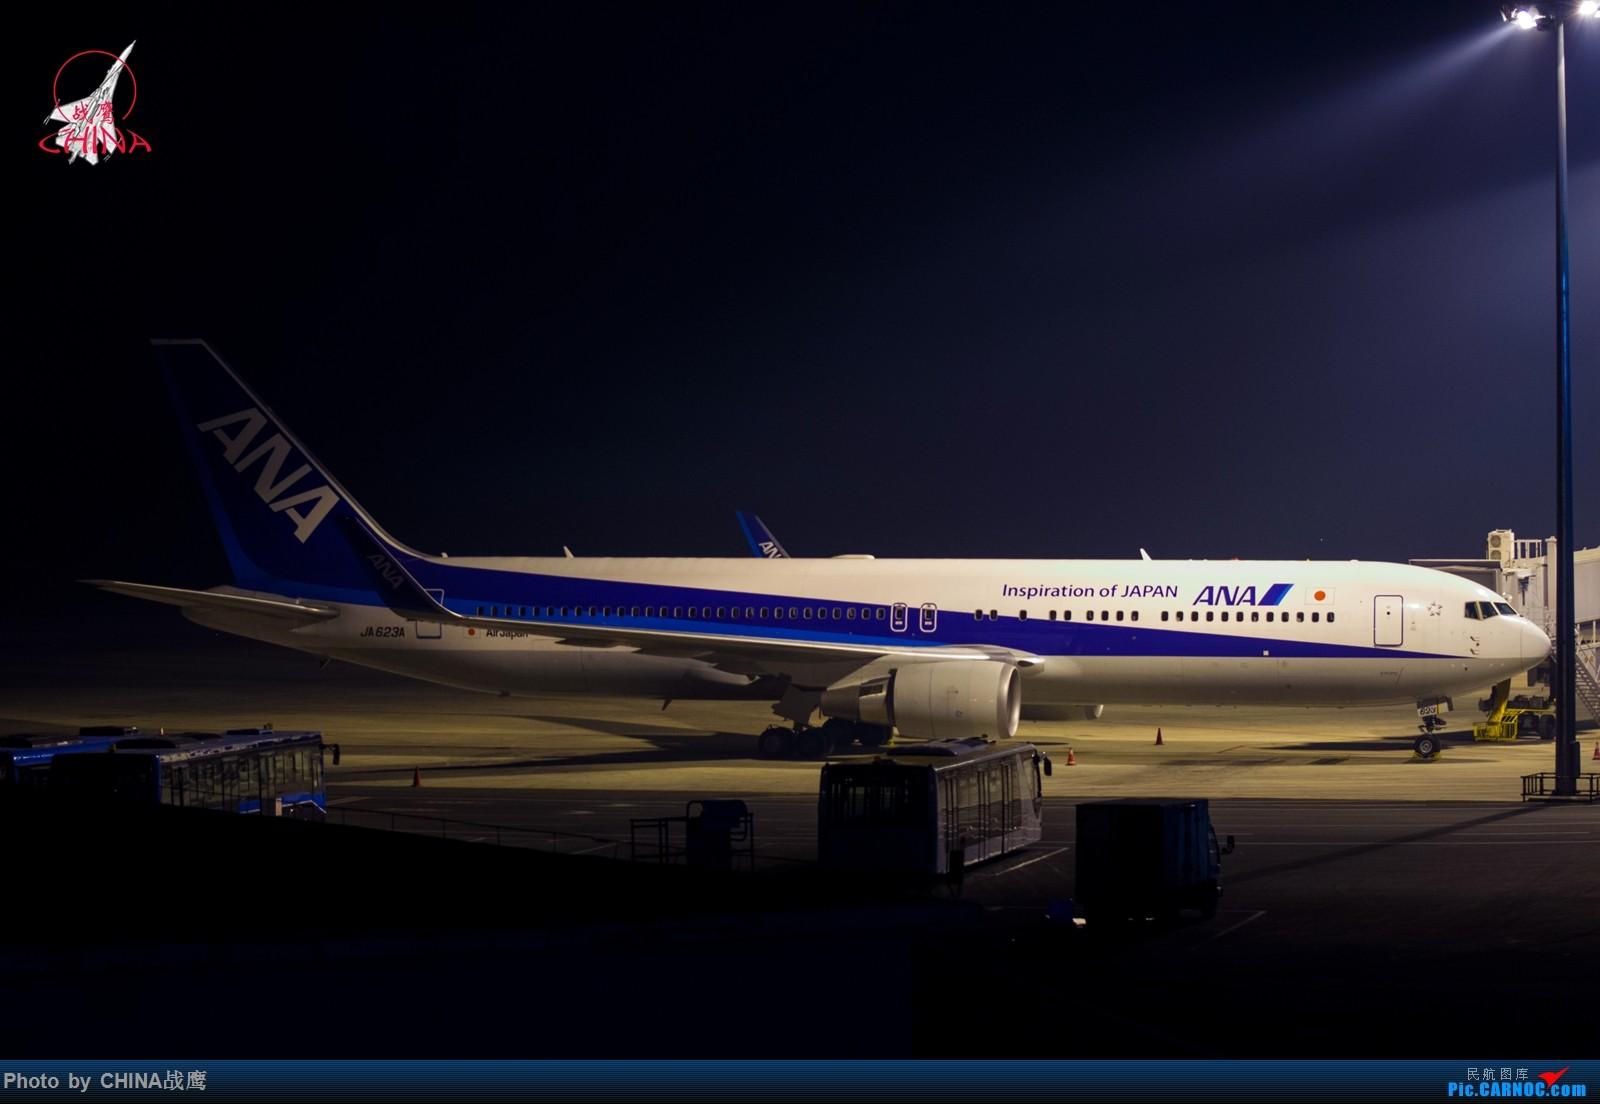 Re:[原创]【SHE】第三季度桃仙拍飞机集锦 BOEING 767-300 JA623A 中国沈阳桃仙国际机场